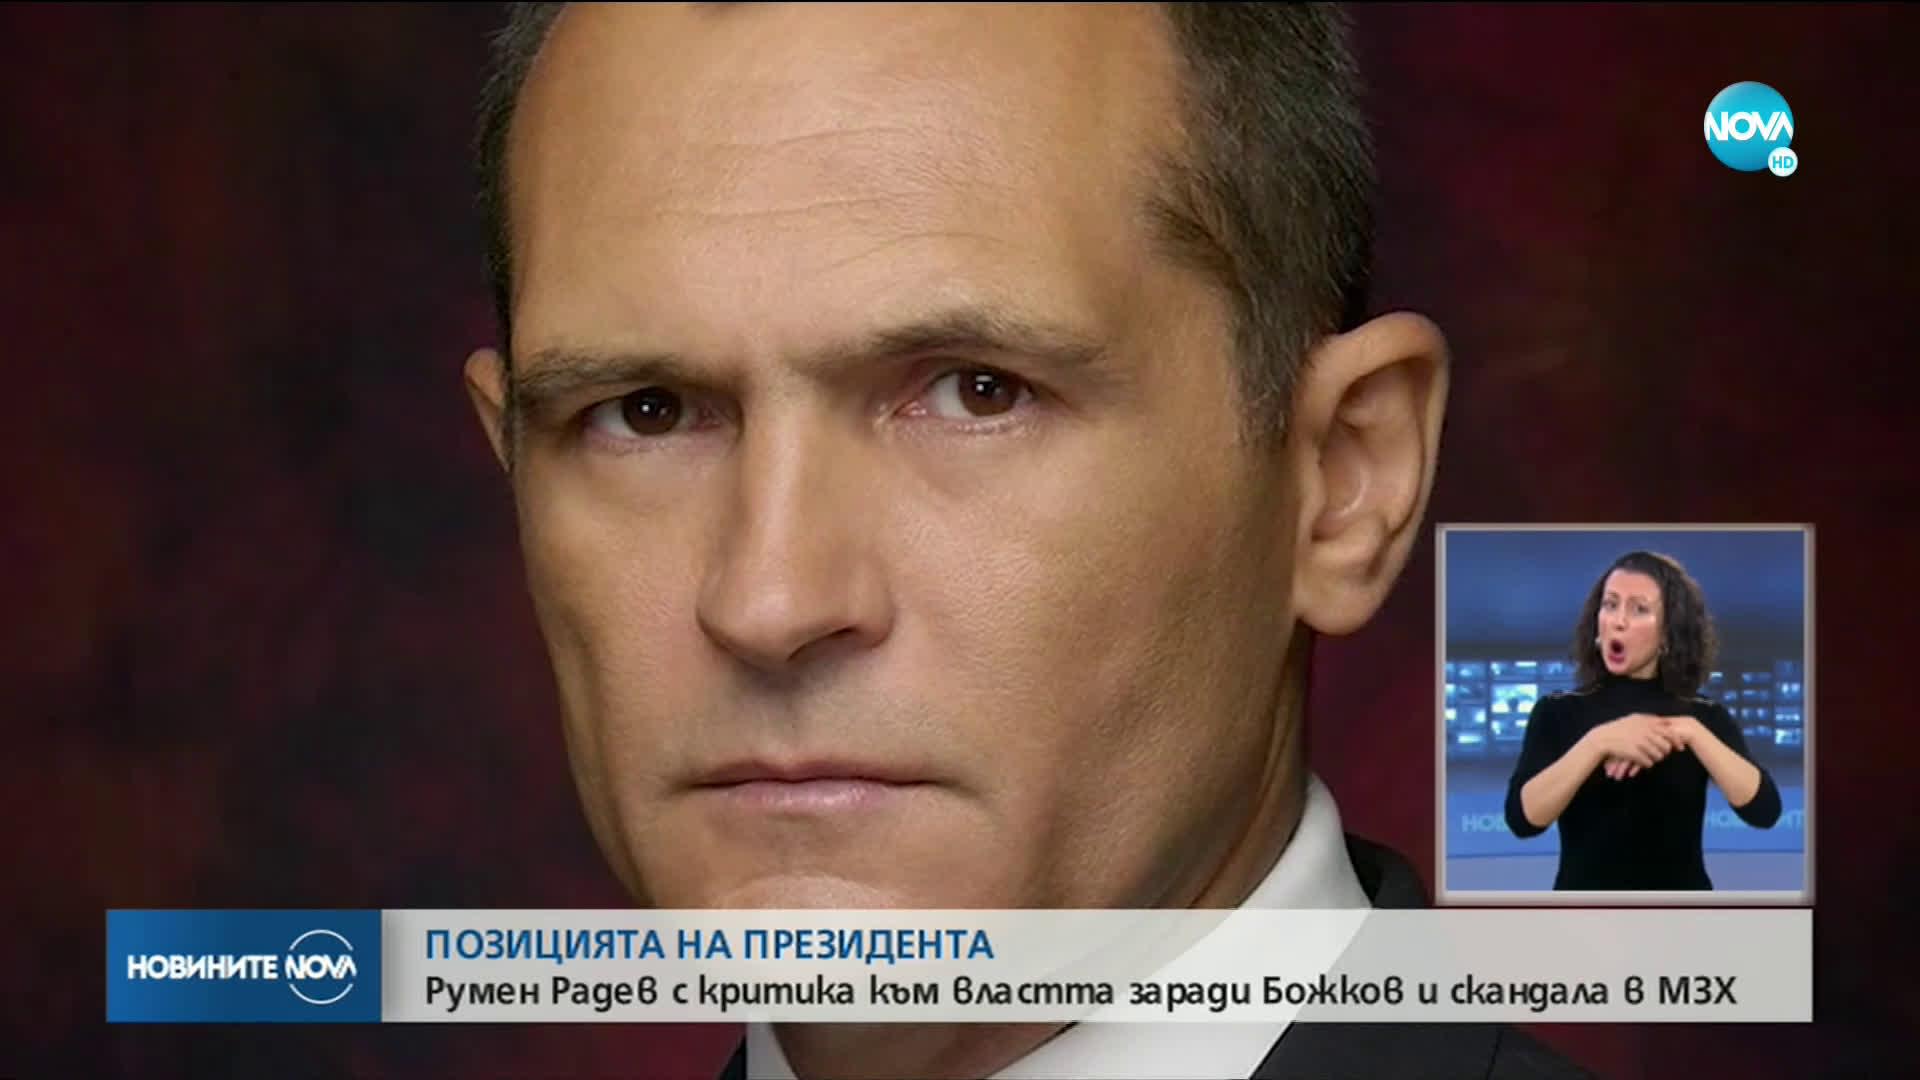 Президентът Румен Радев с нови критики към властта